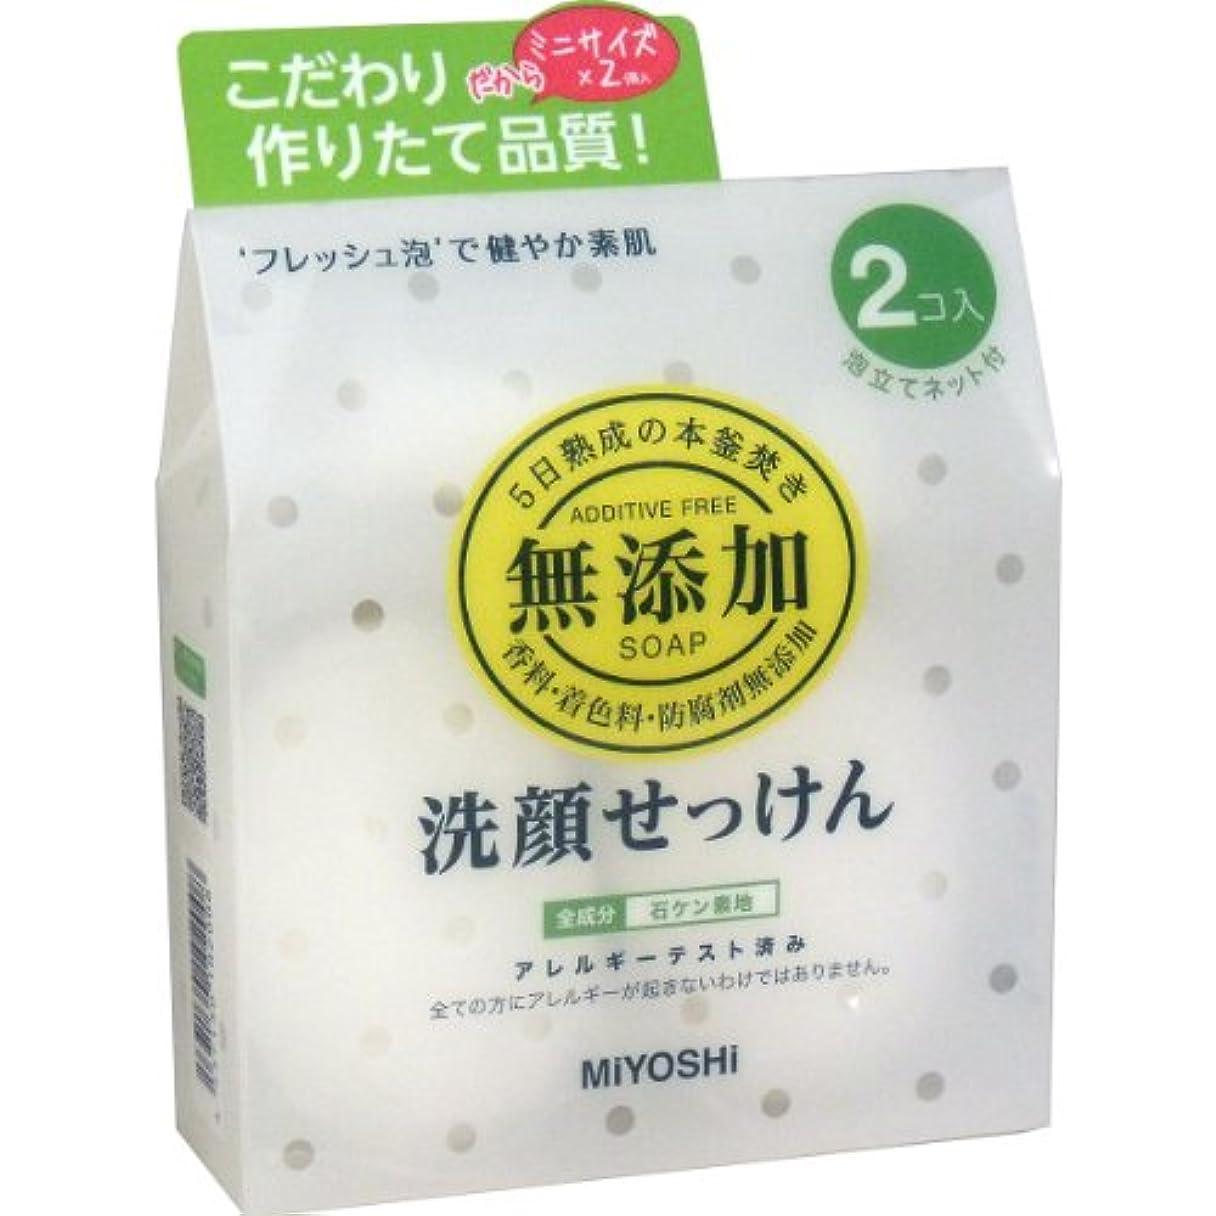 【ミヨシ石鹸】無添加 洗顔せっけん 40g×2コ入 ×20個セット